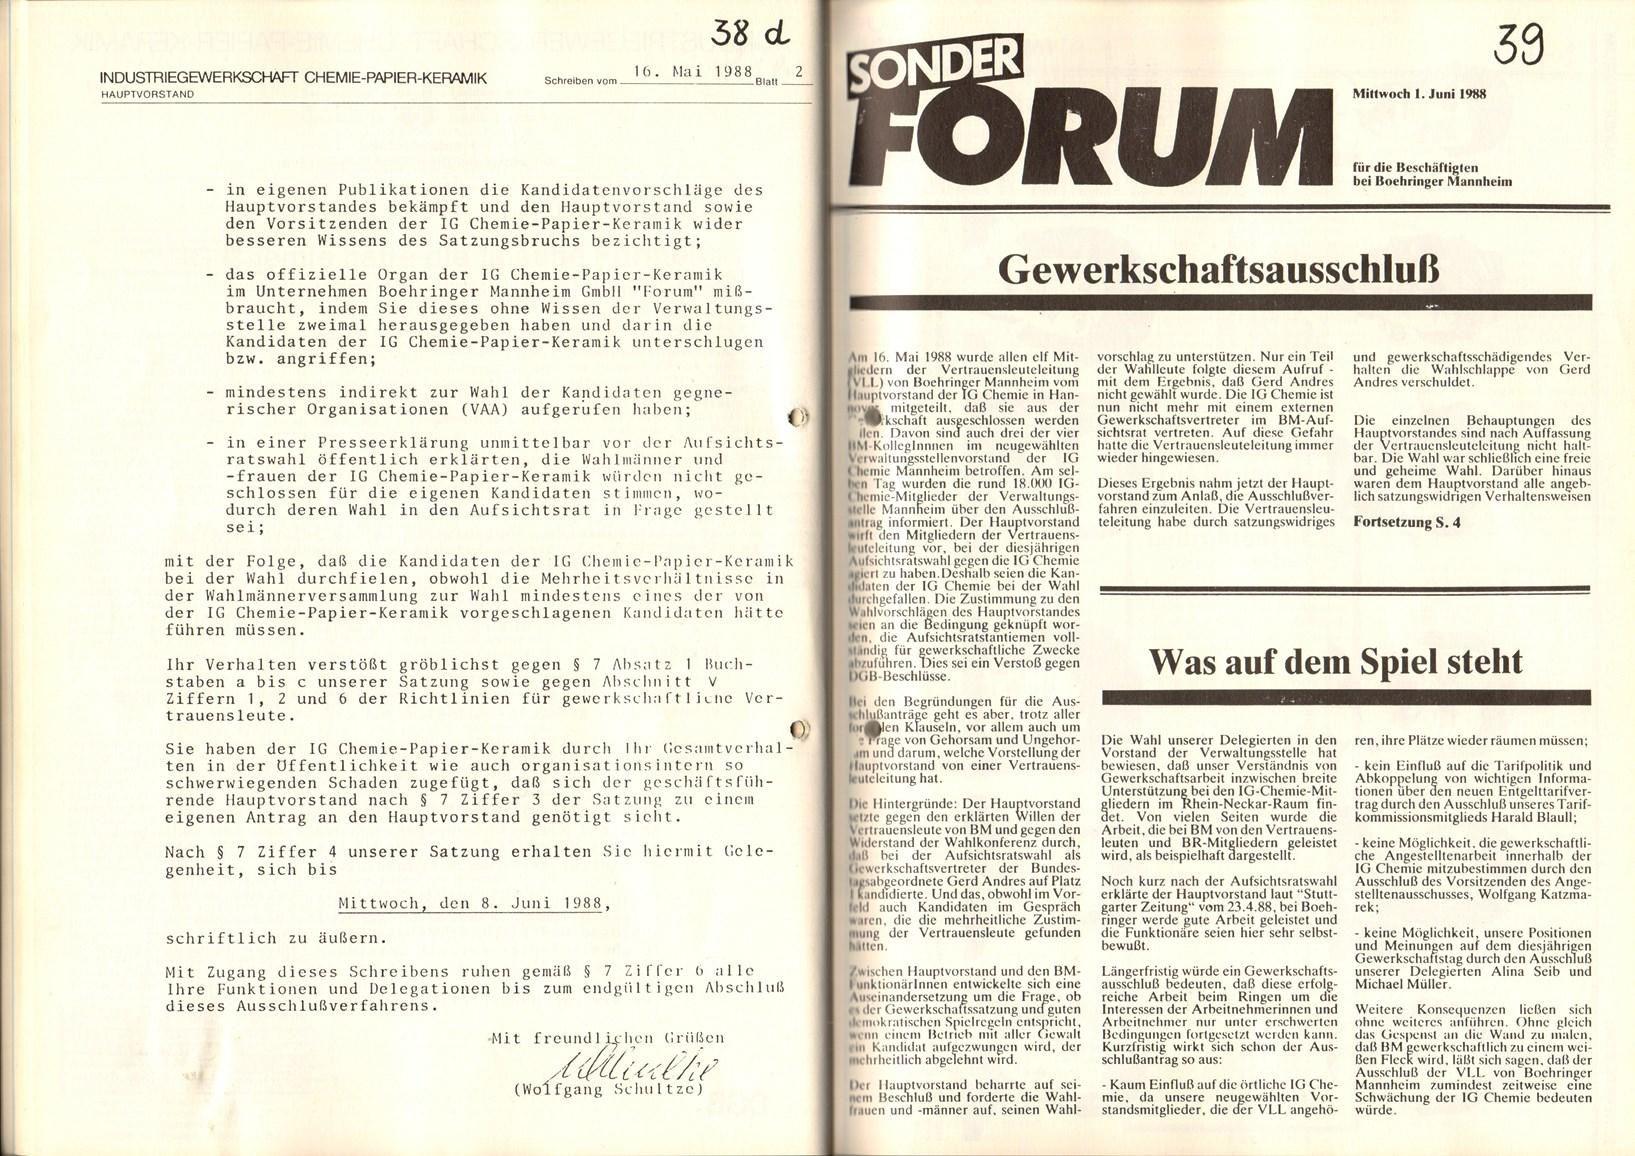 Mannheim_Boehringer_Ausschluss_VKL_Doku1_1988_42